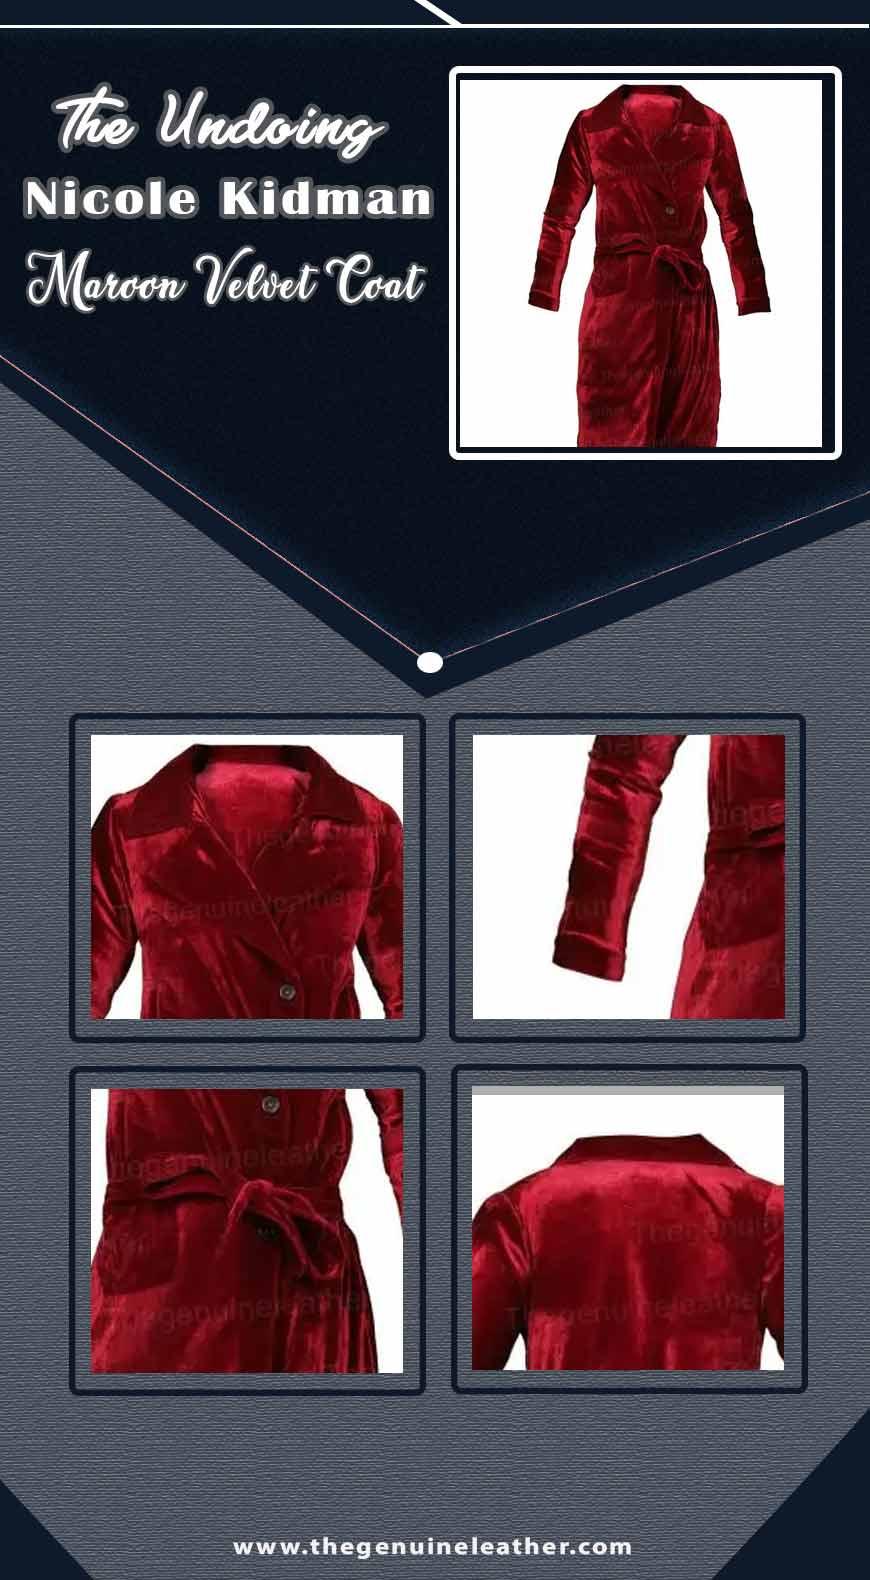 The Undoing Nicole Kidman Maroon Velvet Coat info